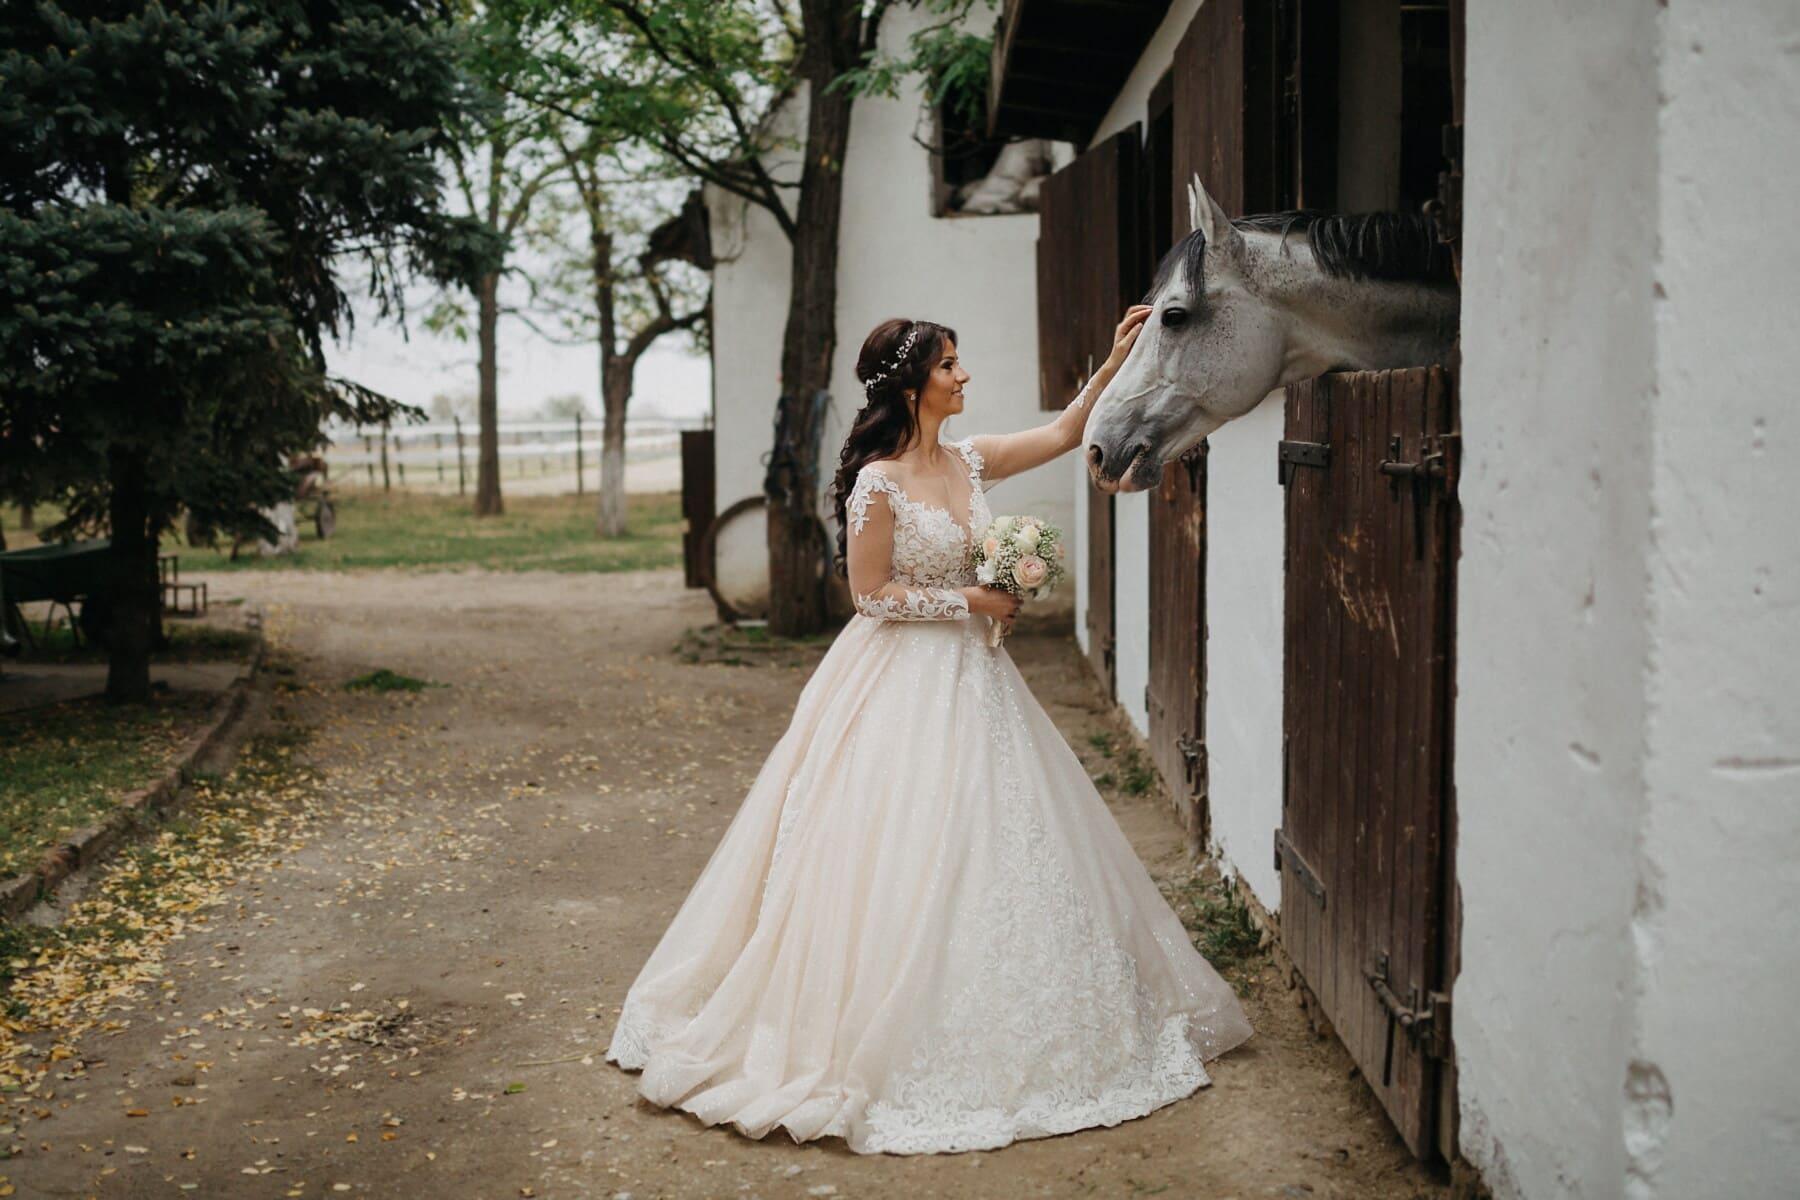 bride, horse, farmland, farmhouse, barn, backyard, wedding venue, countryside, village, wedding dress